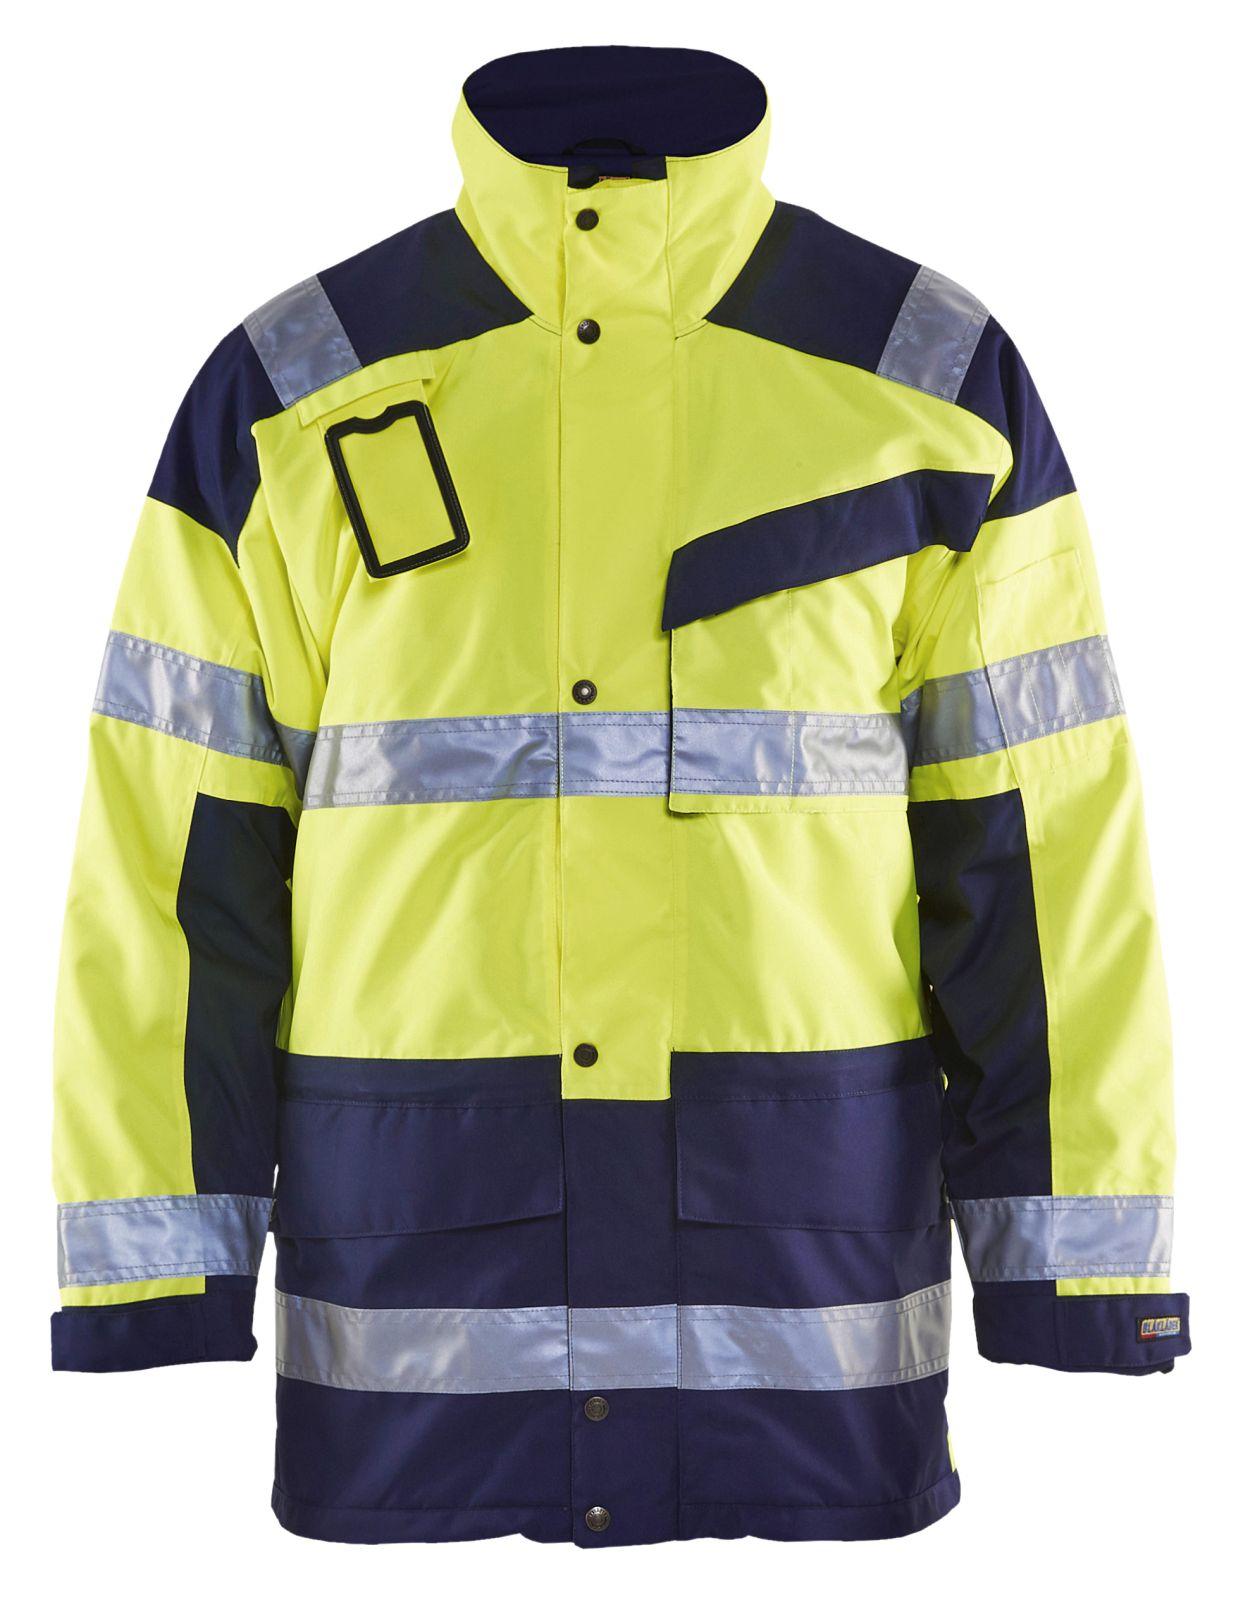 Blaklader Winterjassen 44261997 High Vis geel-marineblauw(3389)